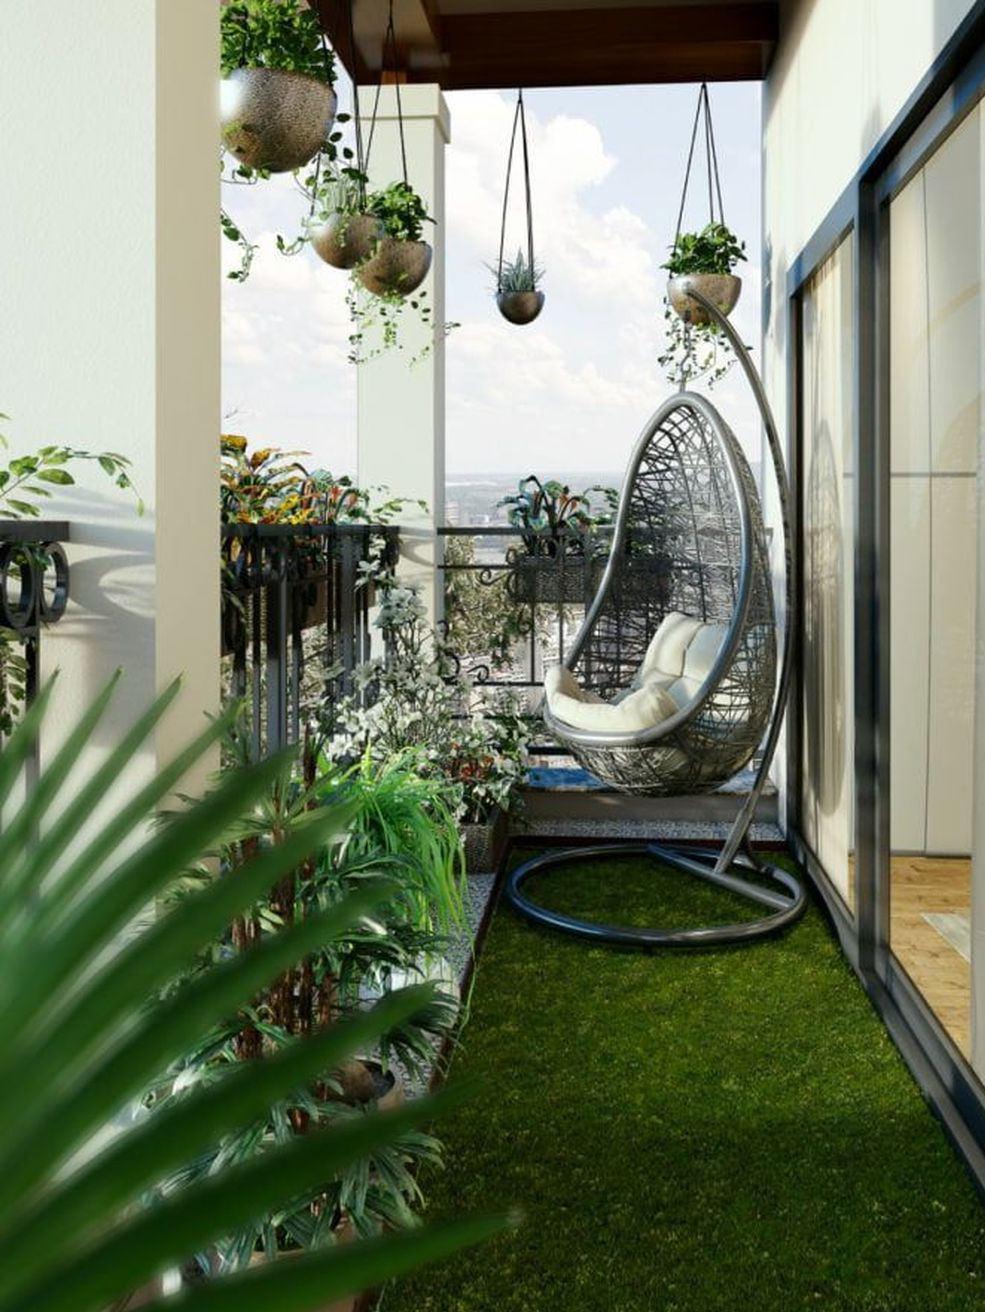 60 Small Apartment Balcony Garden Design Ideas Terrace Decor Small Balcony Design Apartment Balcony Garden